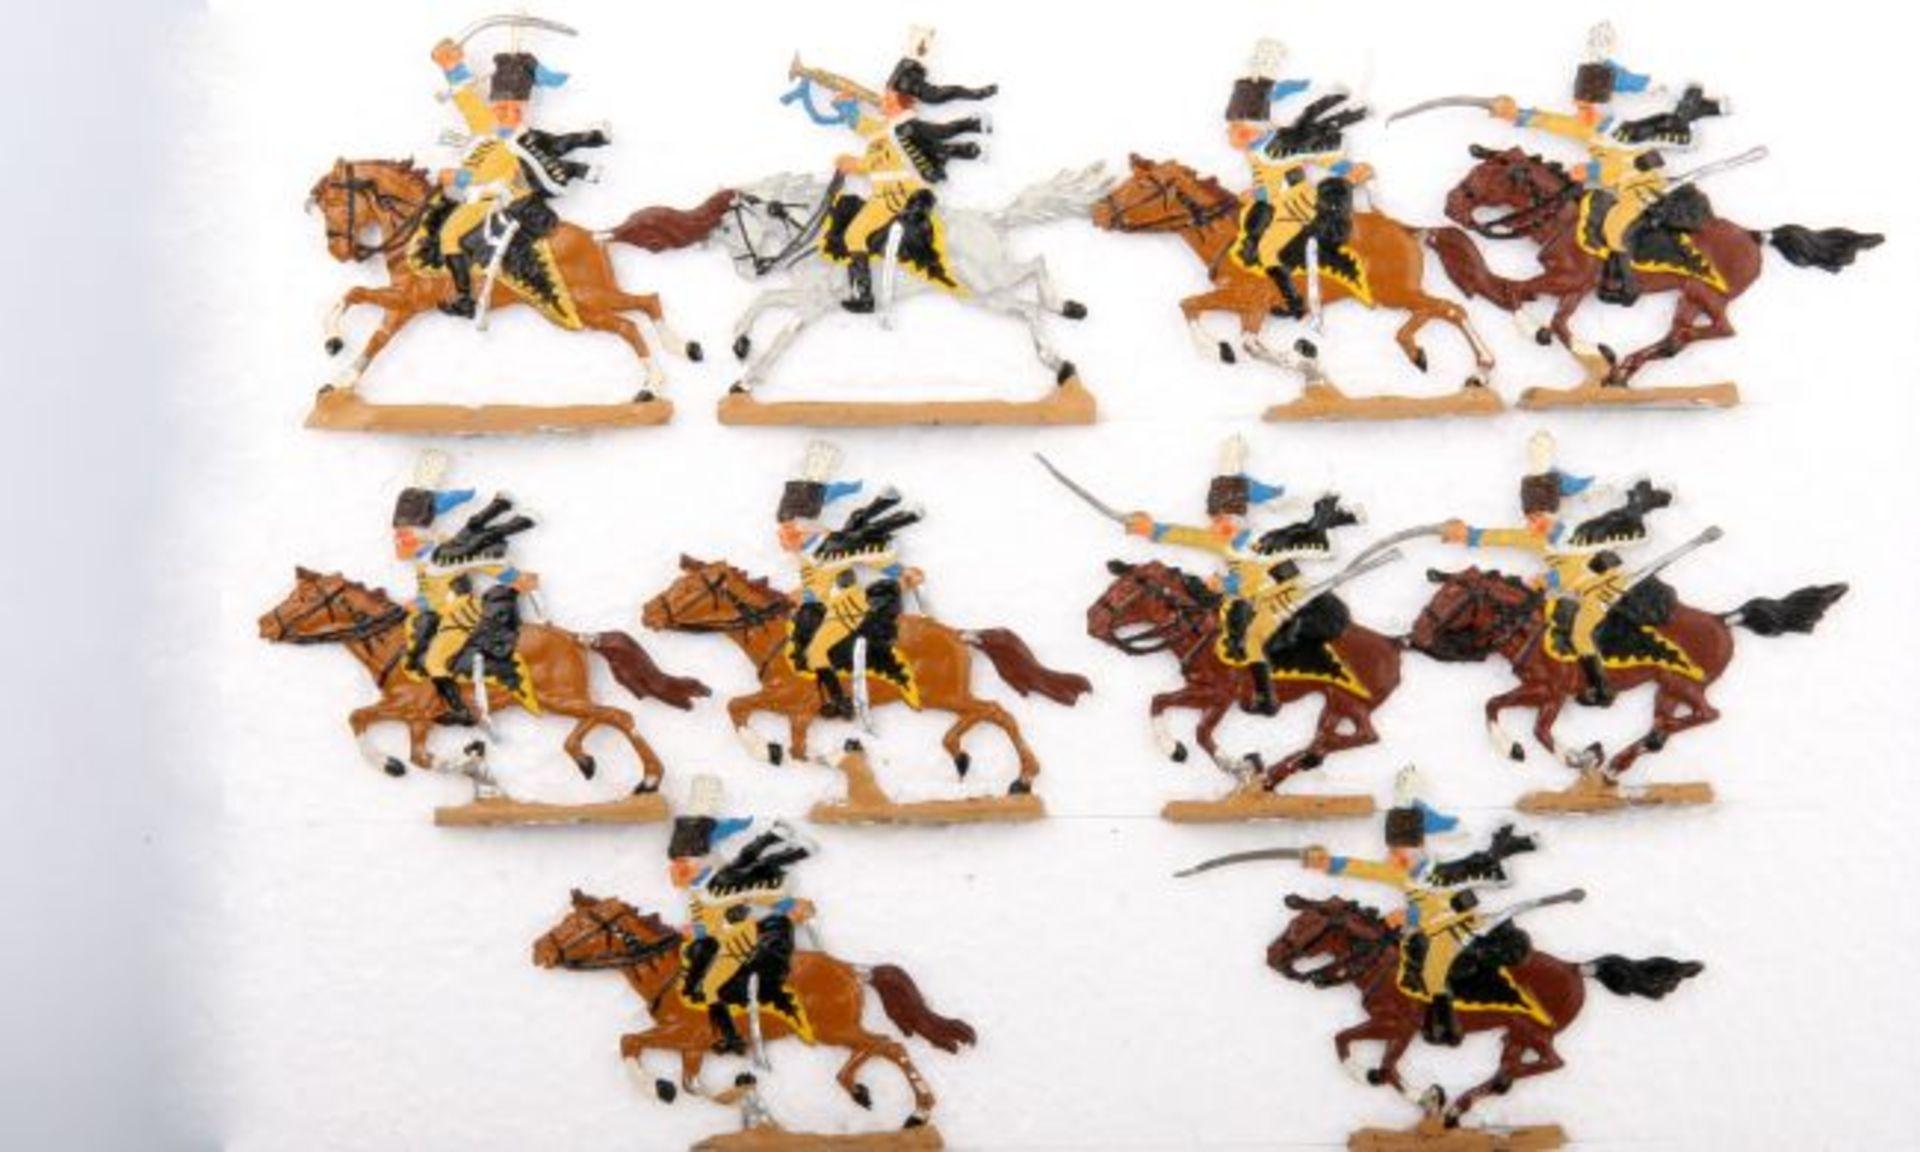 Russland um 1760, Husaren im Angriff, Kieler Zinnfiguren, Kilia, Originalkarton (P 451),